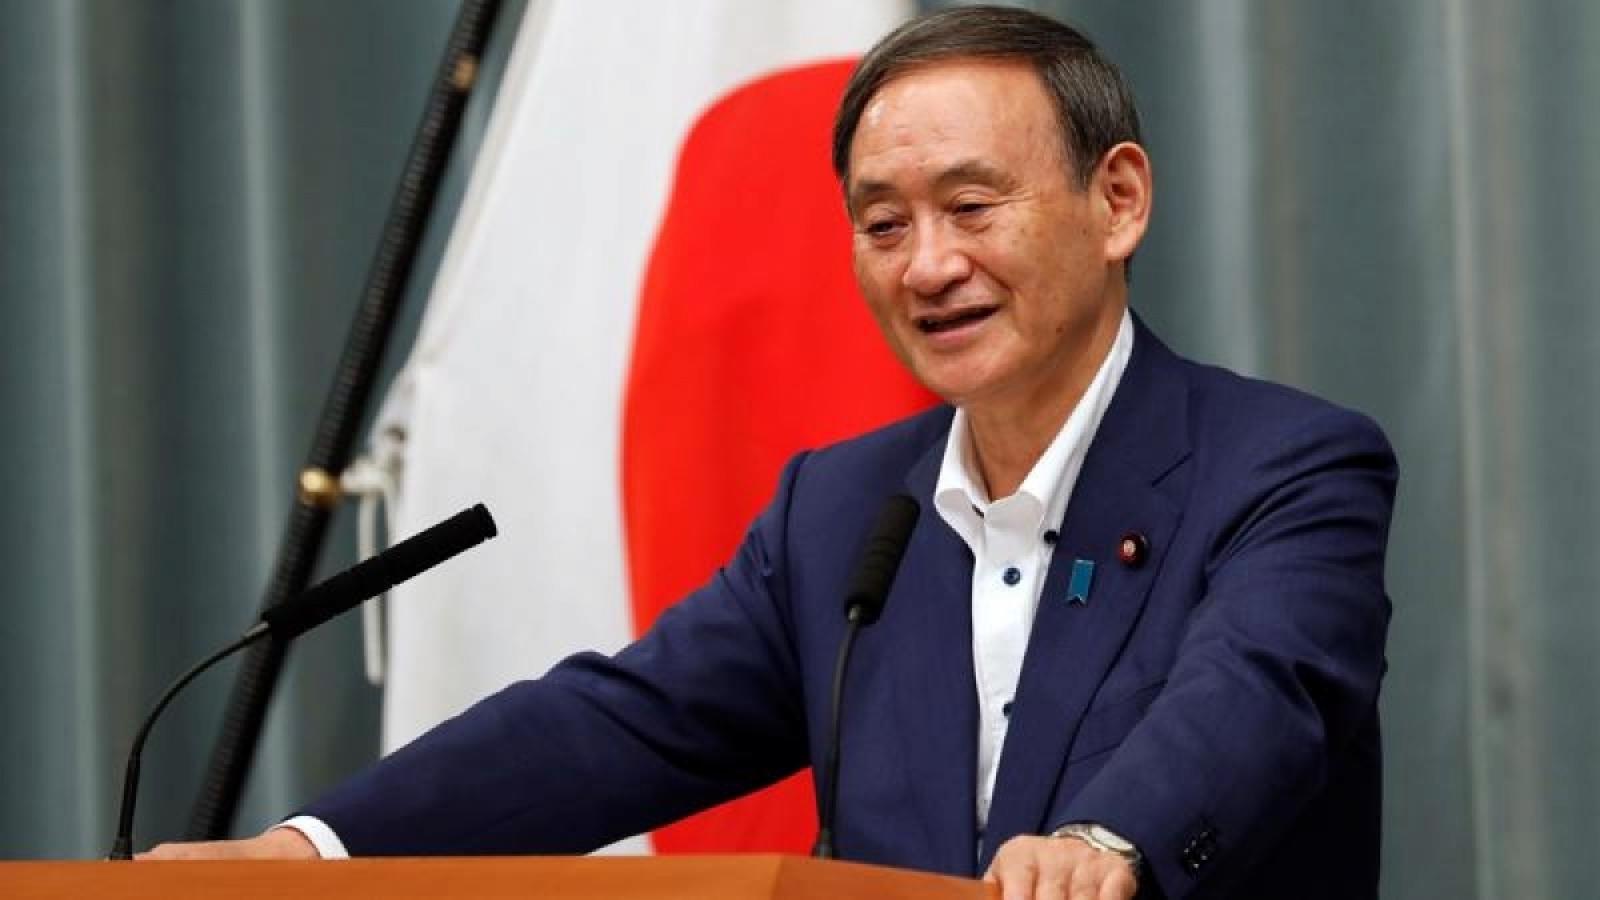 Thủ tướng Nhật Bản thăm Mỹ trước khi kết thúc nhiệm kỳ